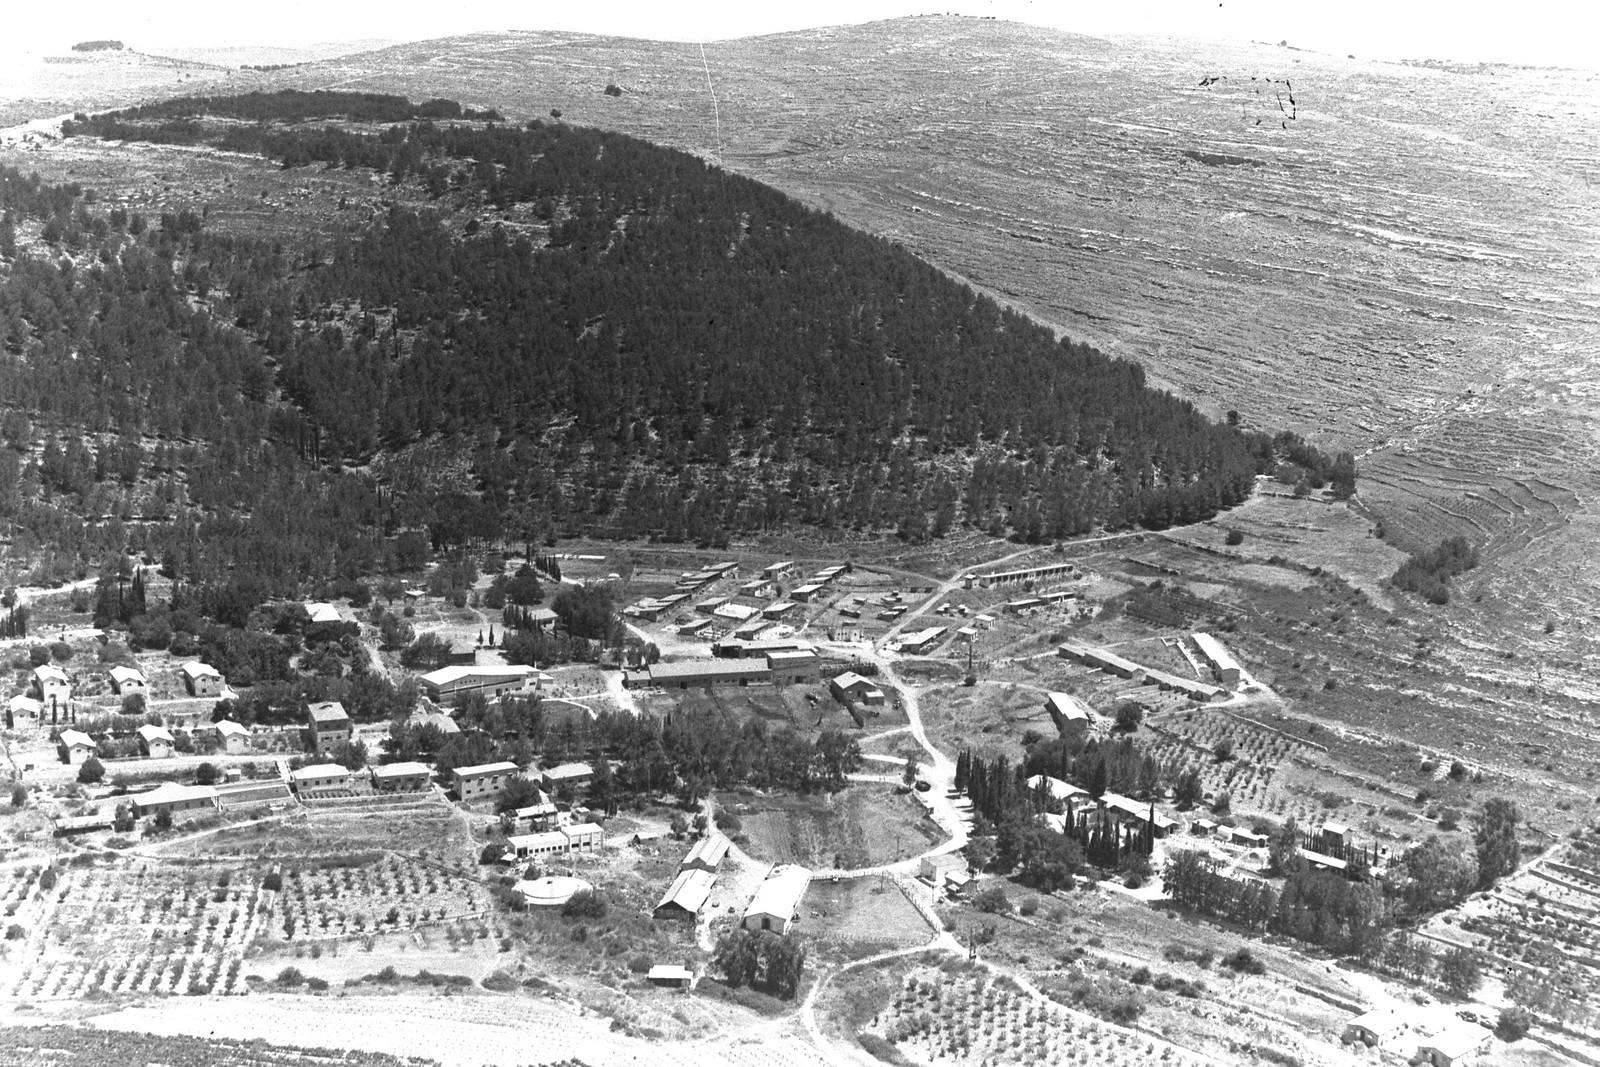 1942. Аэрофотоснимок кибуца Кирьят-Анавим в Иерусалимских горах